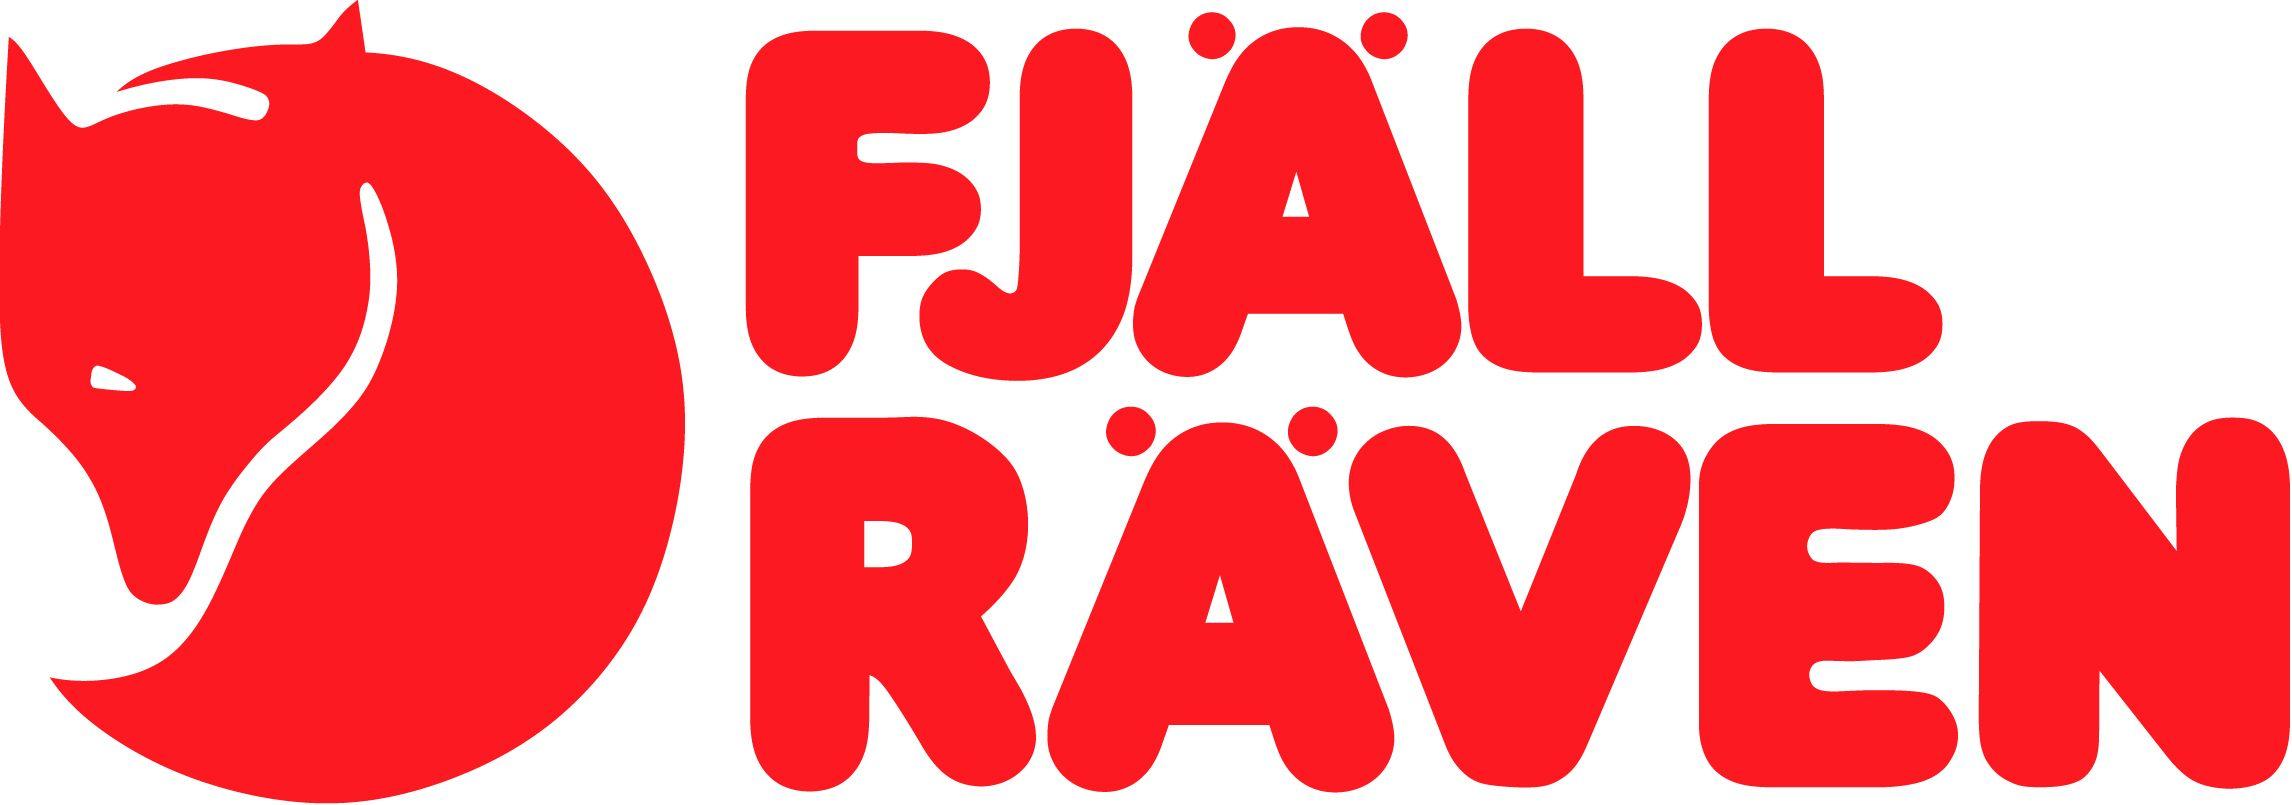 Výsledek obrázku pro Fjallräven logo